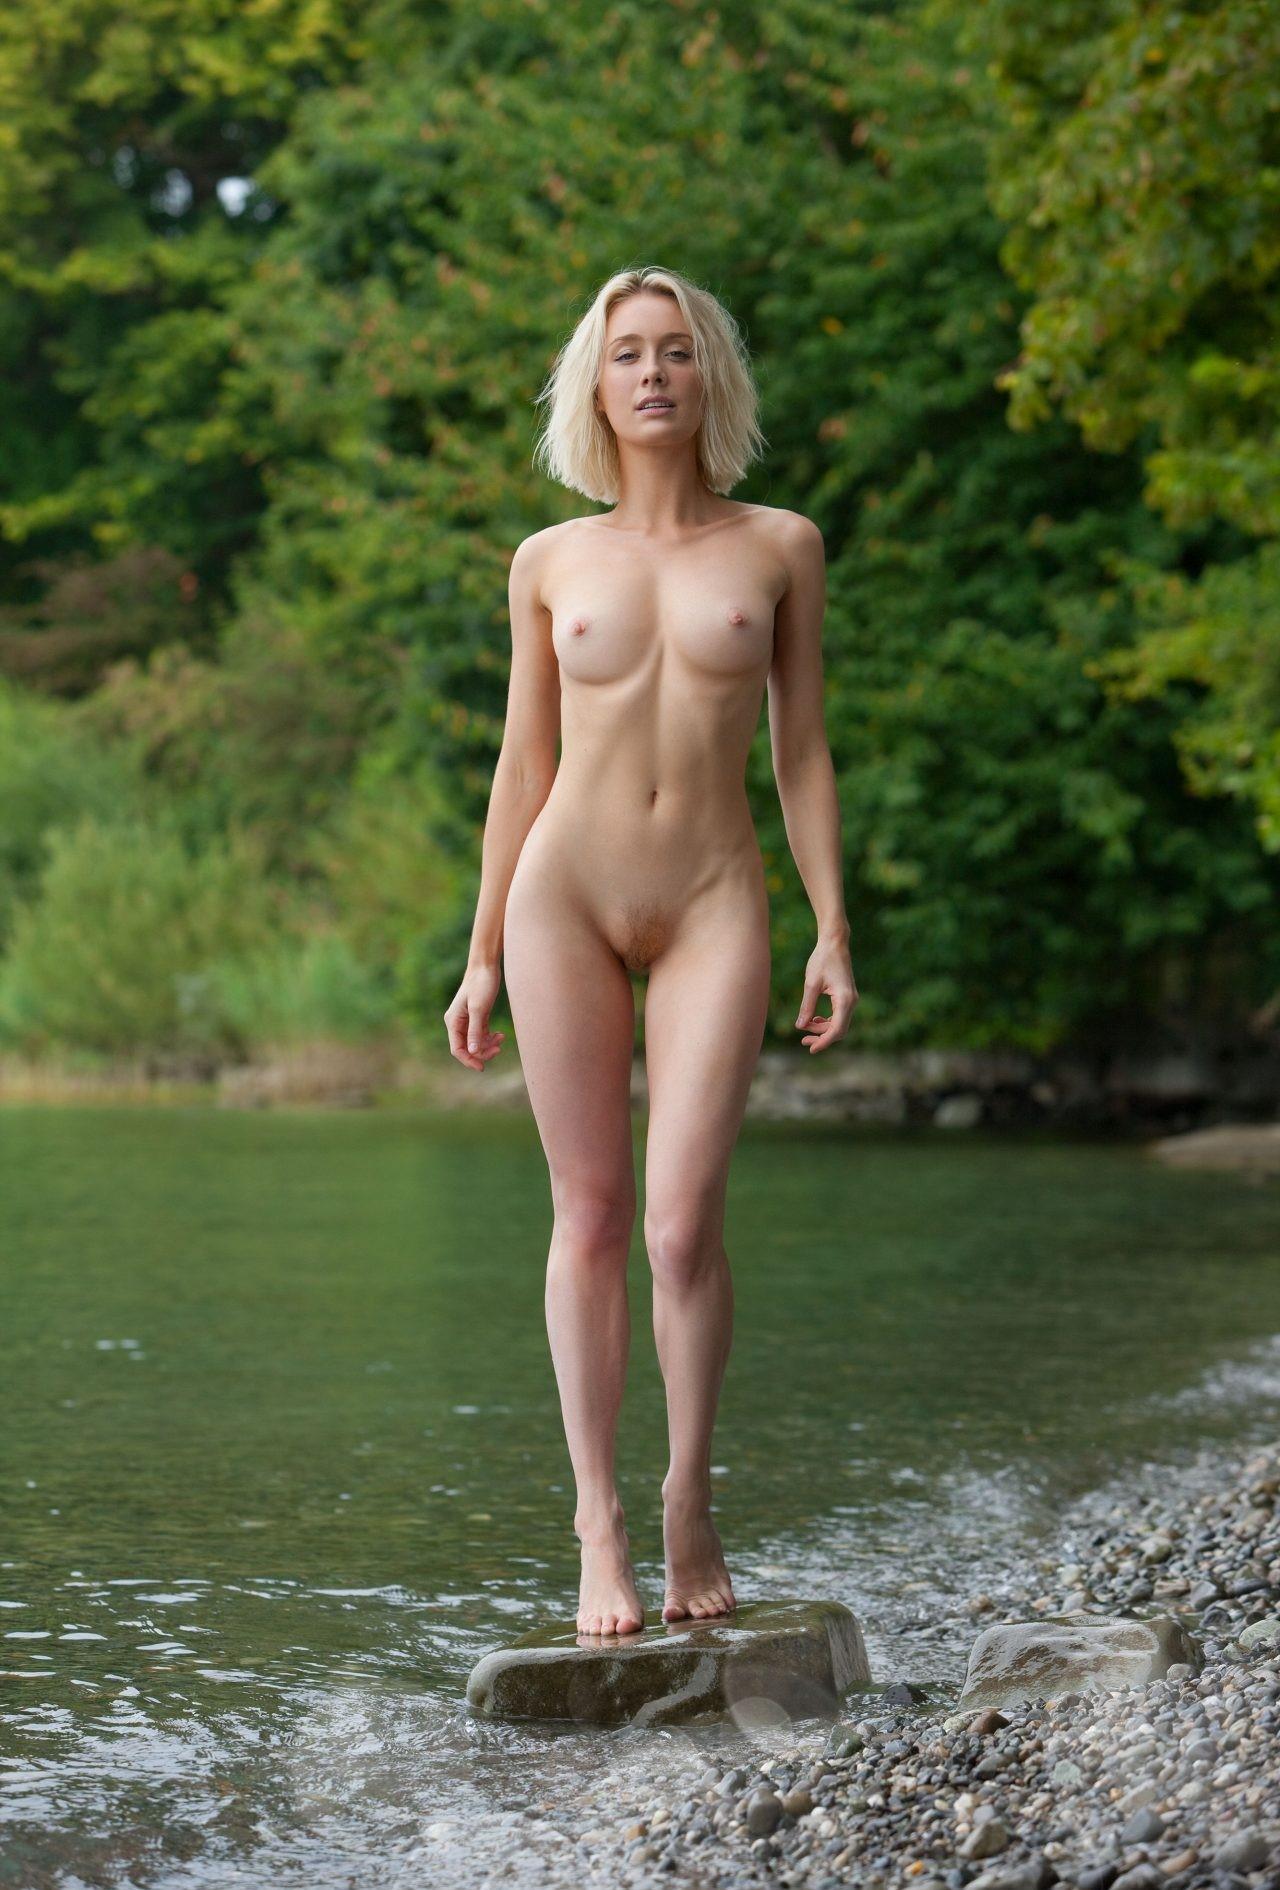 三次元 3次元 エロ画像 大自然 ヌード 裸 べっぴん娘通信 019